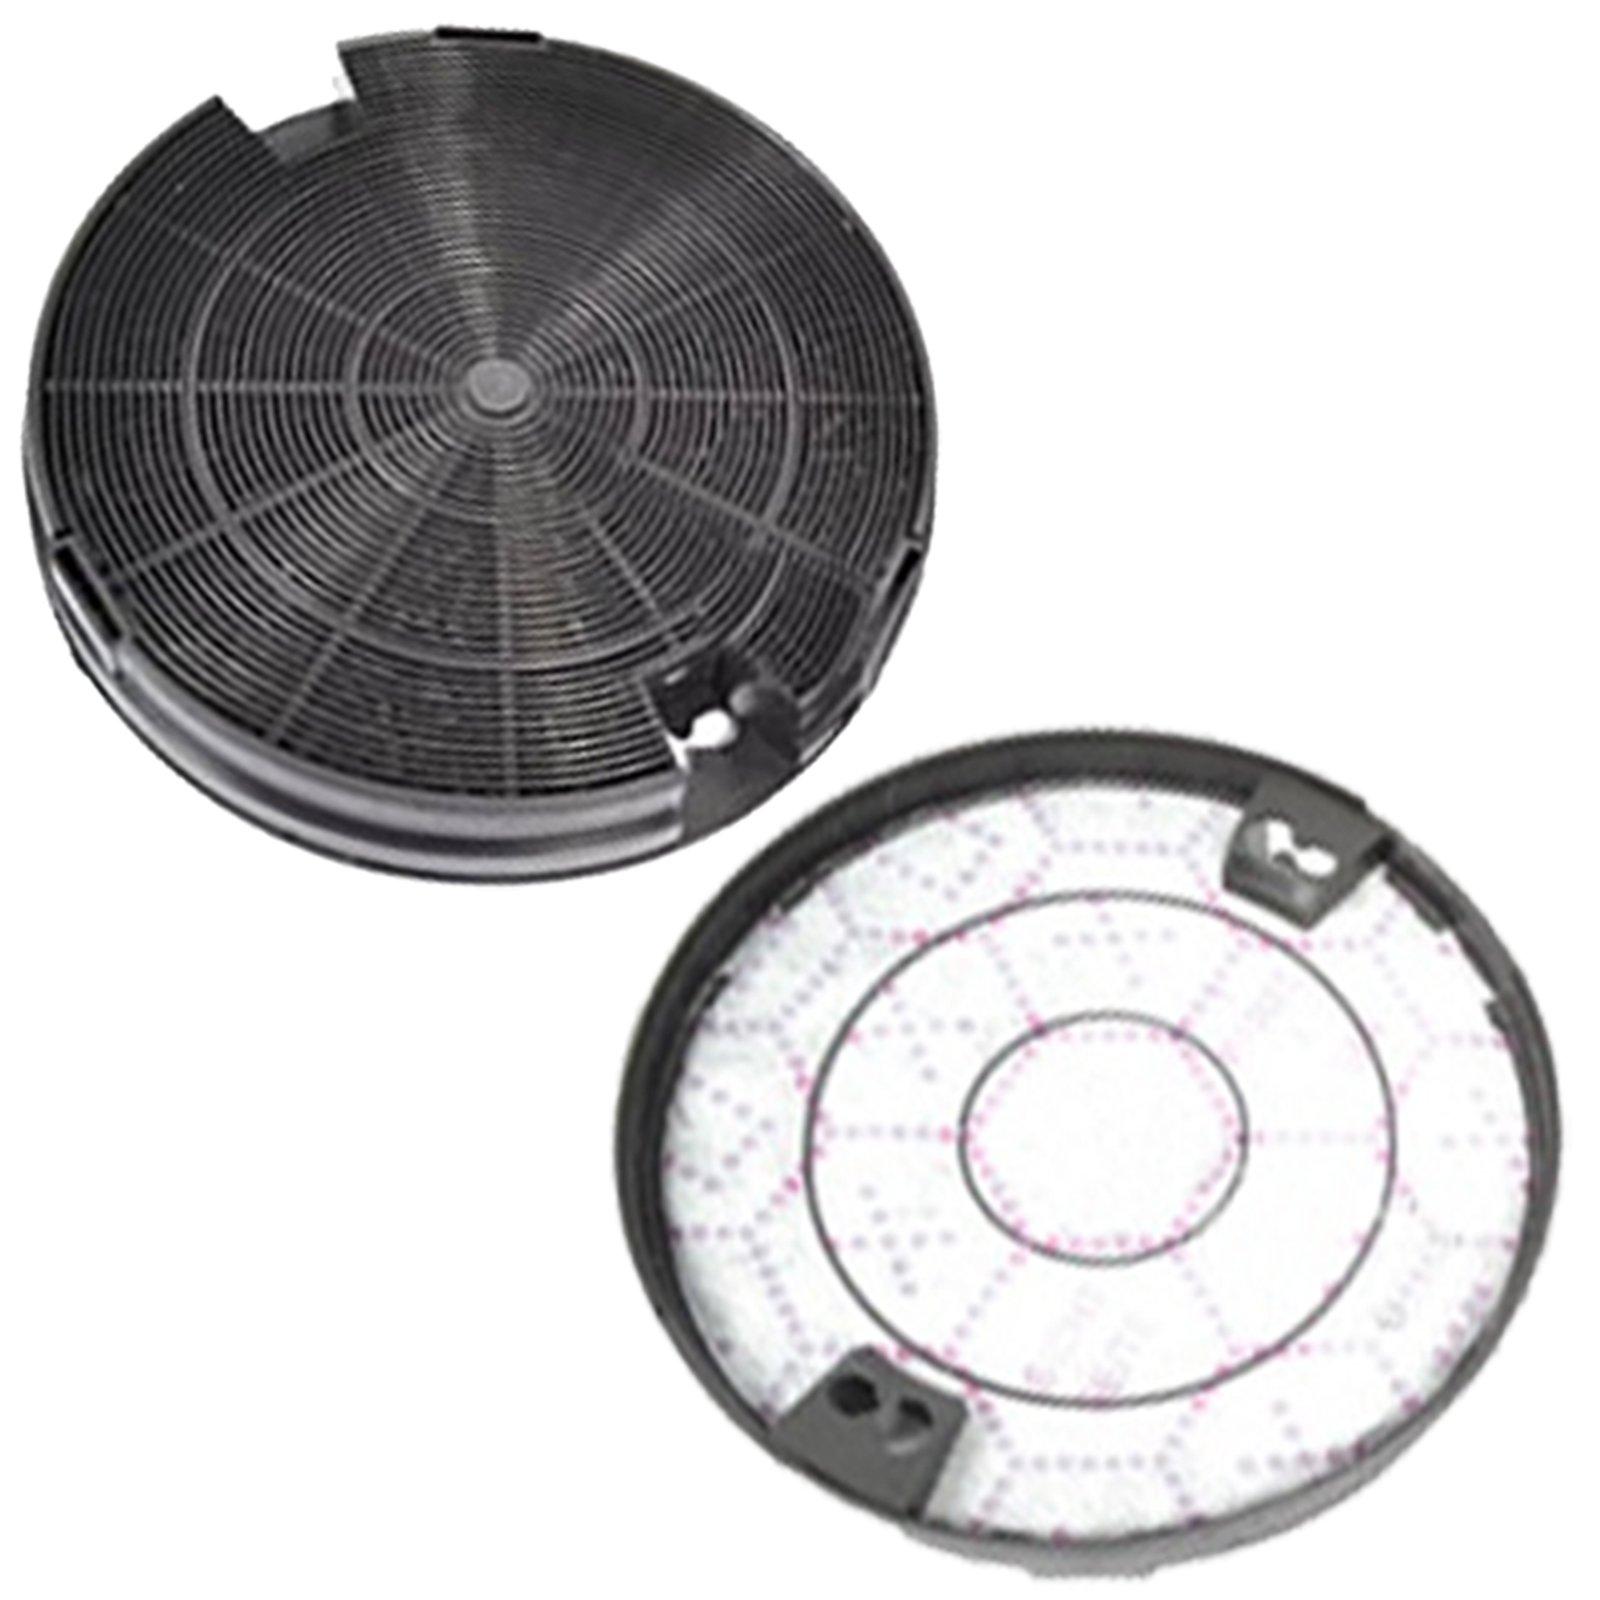 Spares2go - Filtros de carbón para Campana extractora de ventilación Whirlpool (2 Unidades): Amazon.es: Hogar